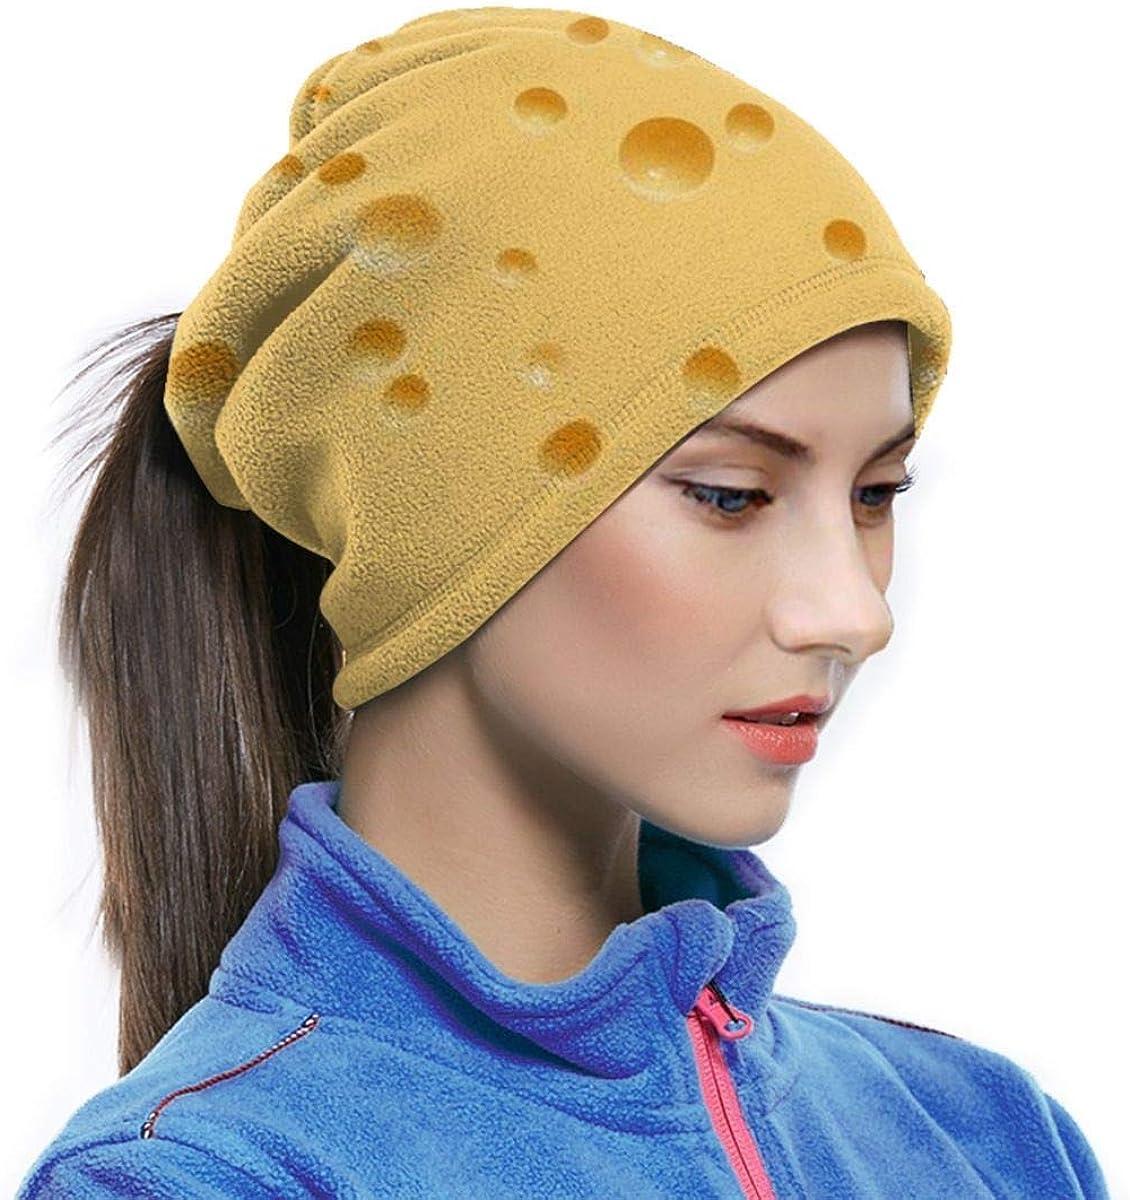 Fromage Trou Bandeau Visage Masque Bandana T/ête Wrap /Écharpe Cou Plus Chaud Chapeaux Cagoule pour les Sports